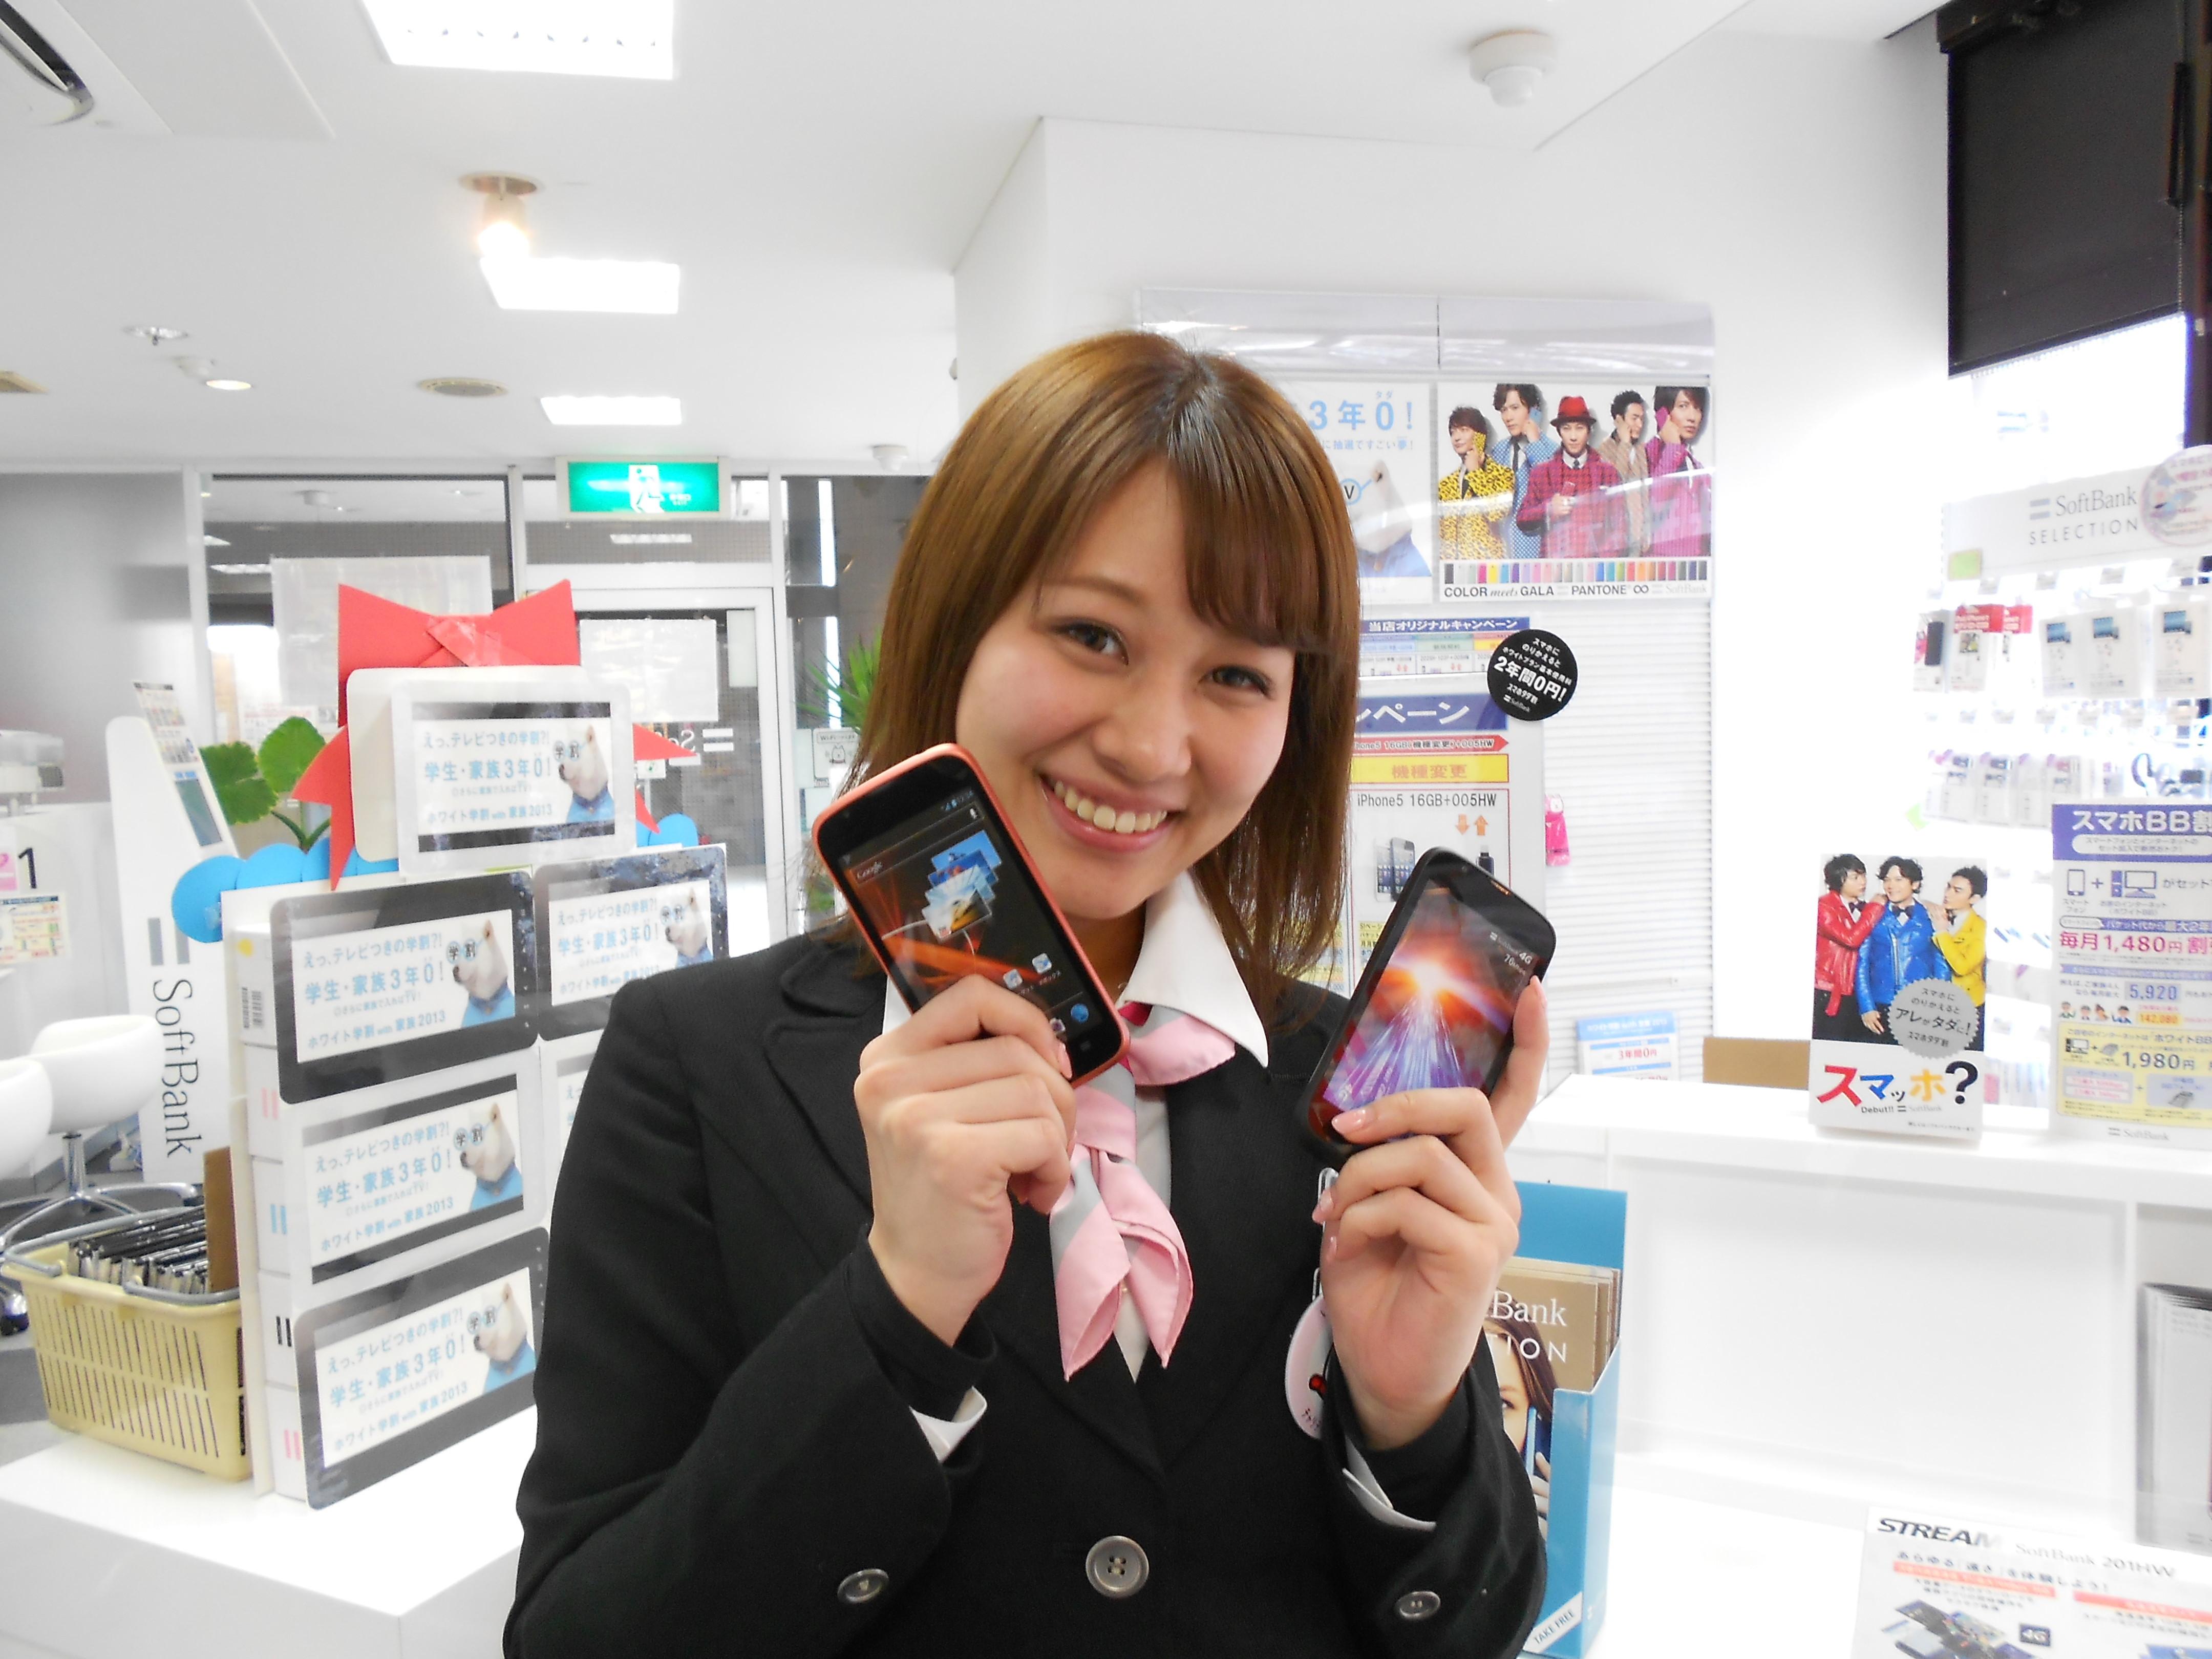 ソフトバンク 岡崎矢作(株式会社シエロ)のアルバイト情報